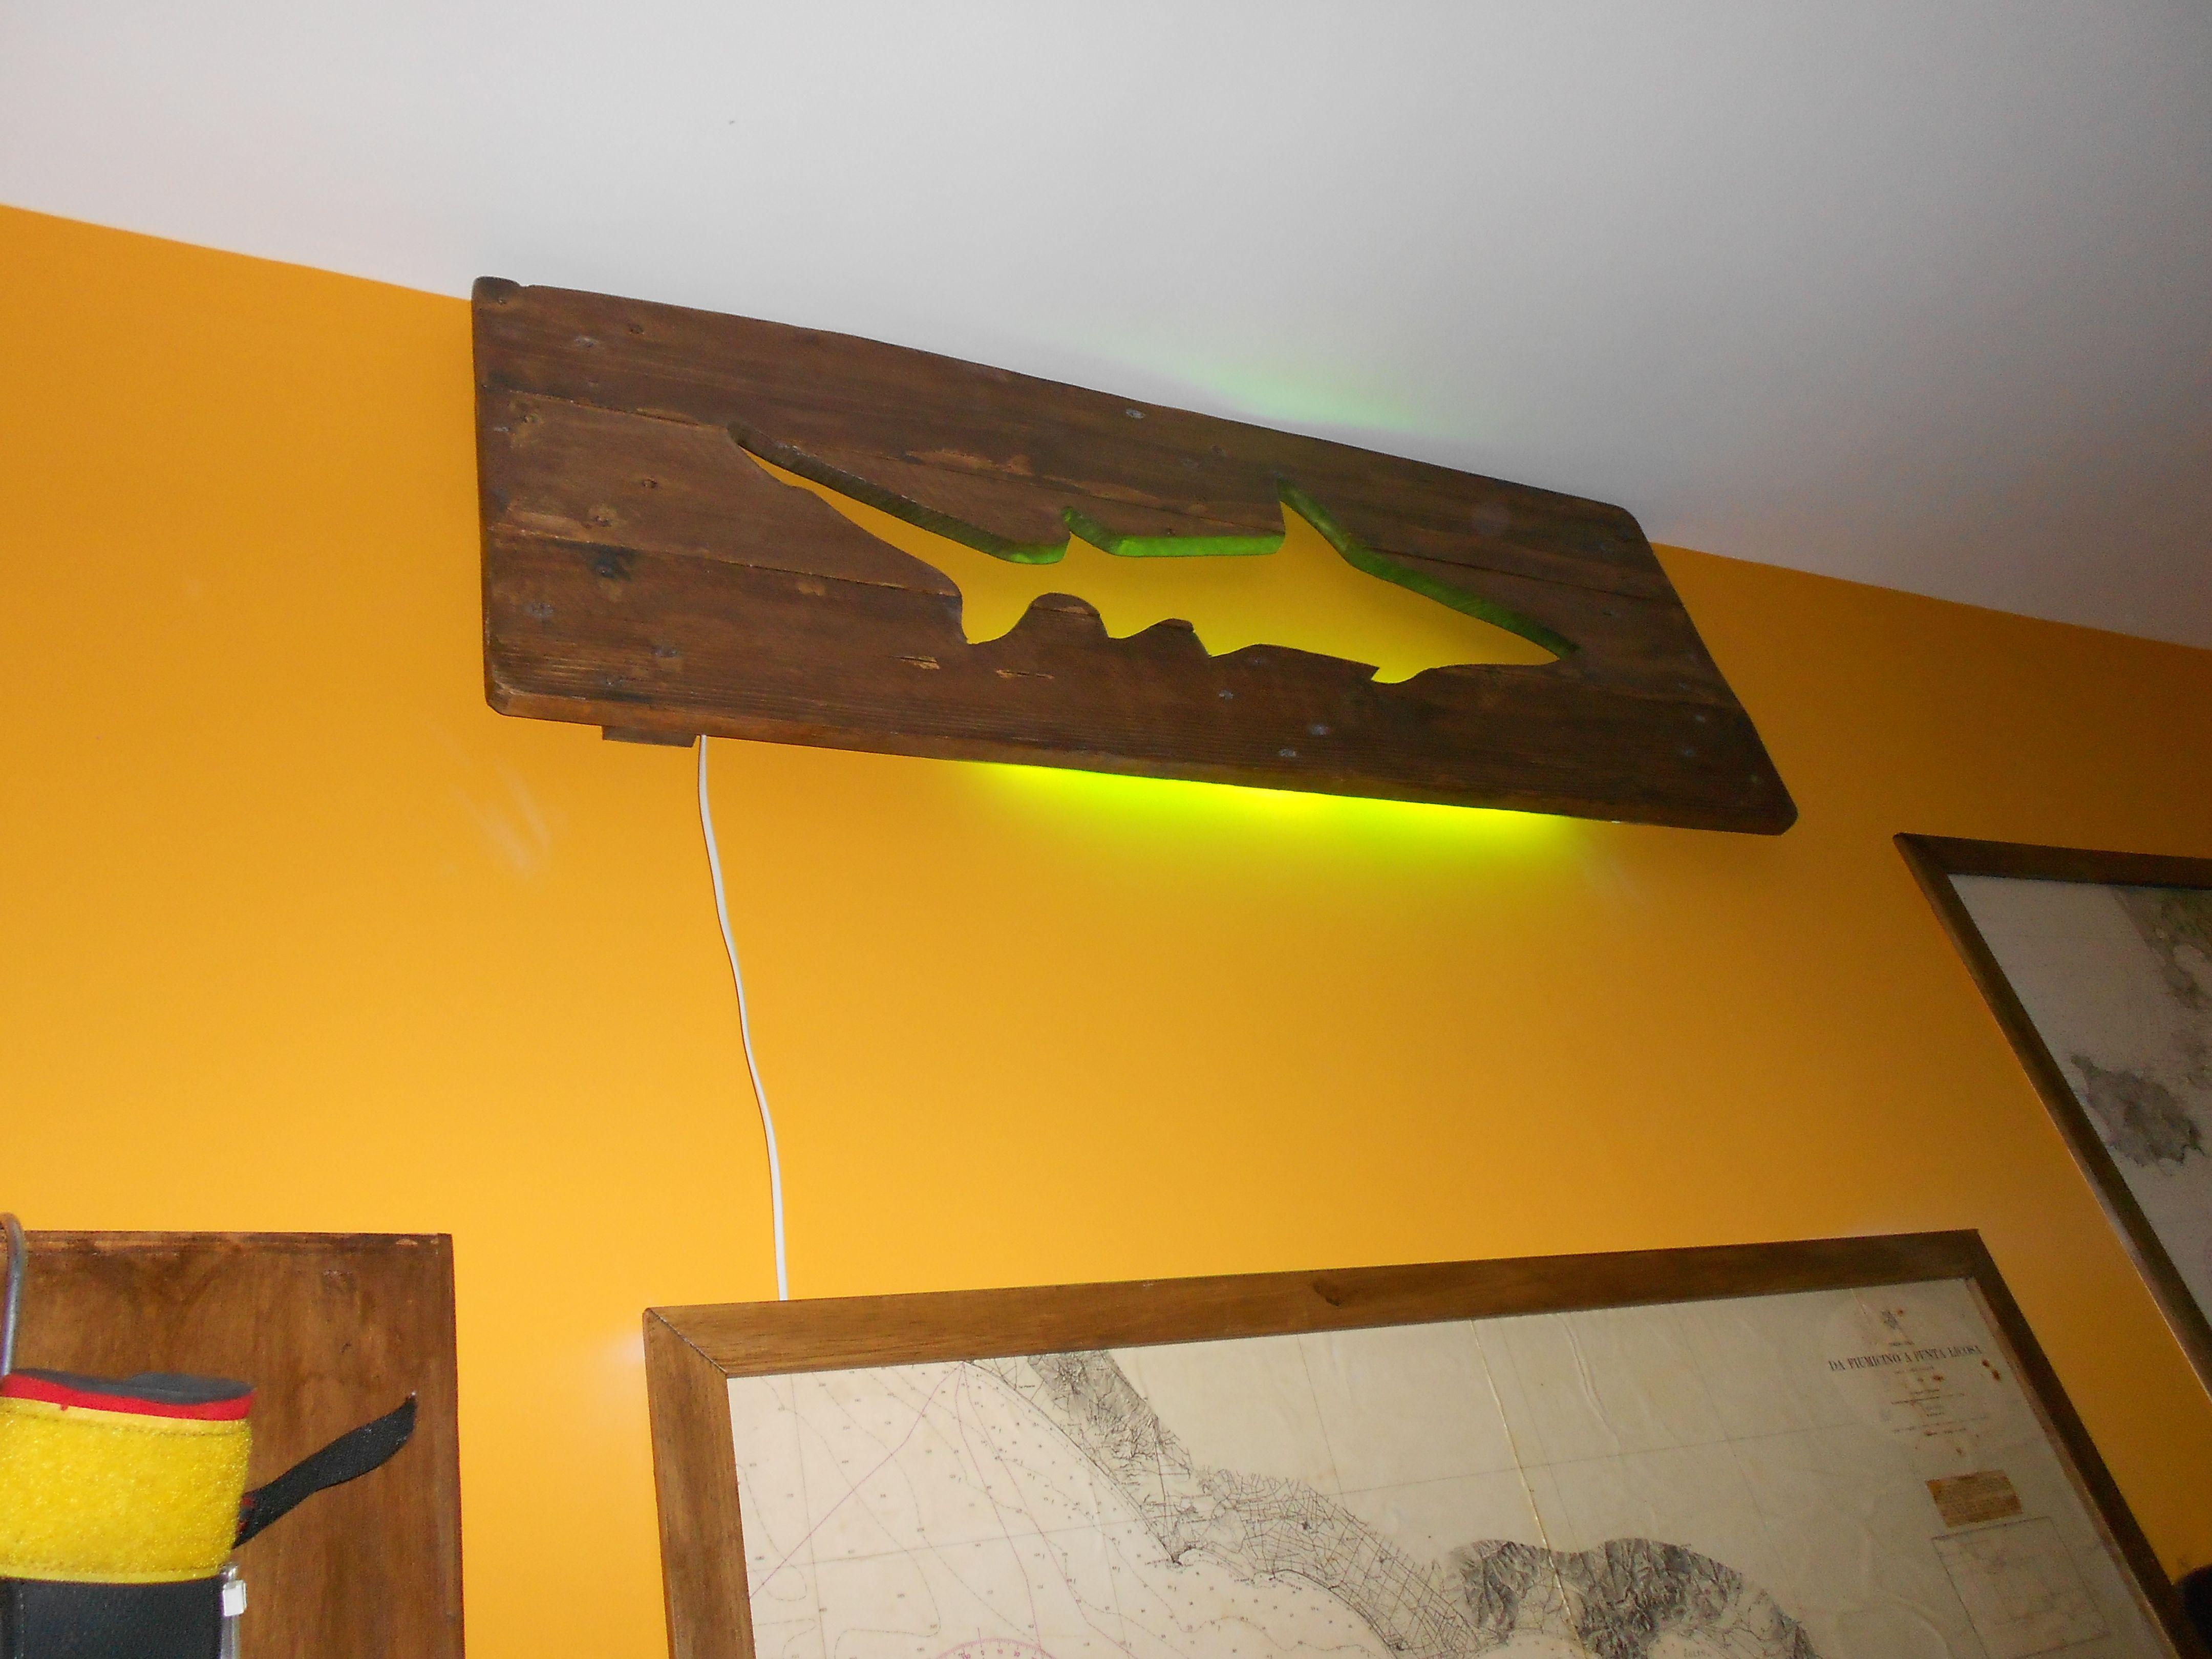 Lampade Al Neon Da Parete pannello da parete retro illuminato riciclando pallet e